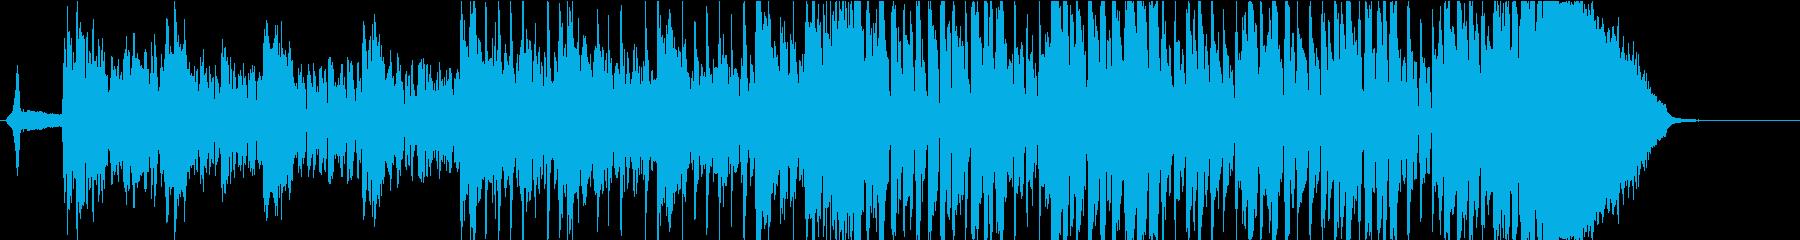 かっこよくて疾走感の尺八インスト:短縮版の再生済みの波形